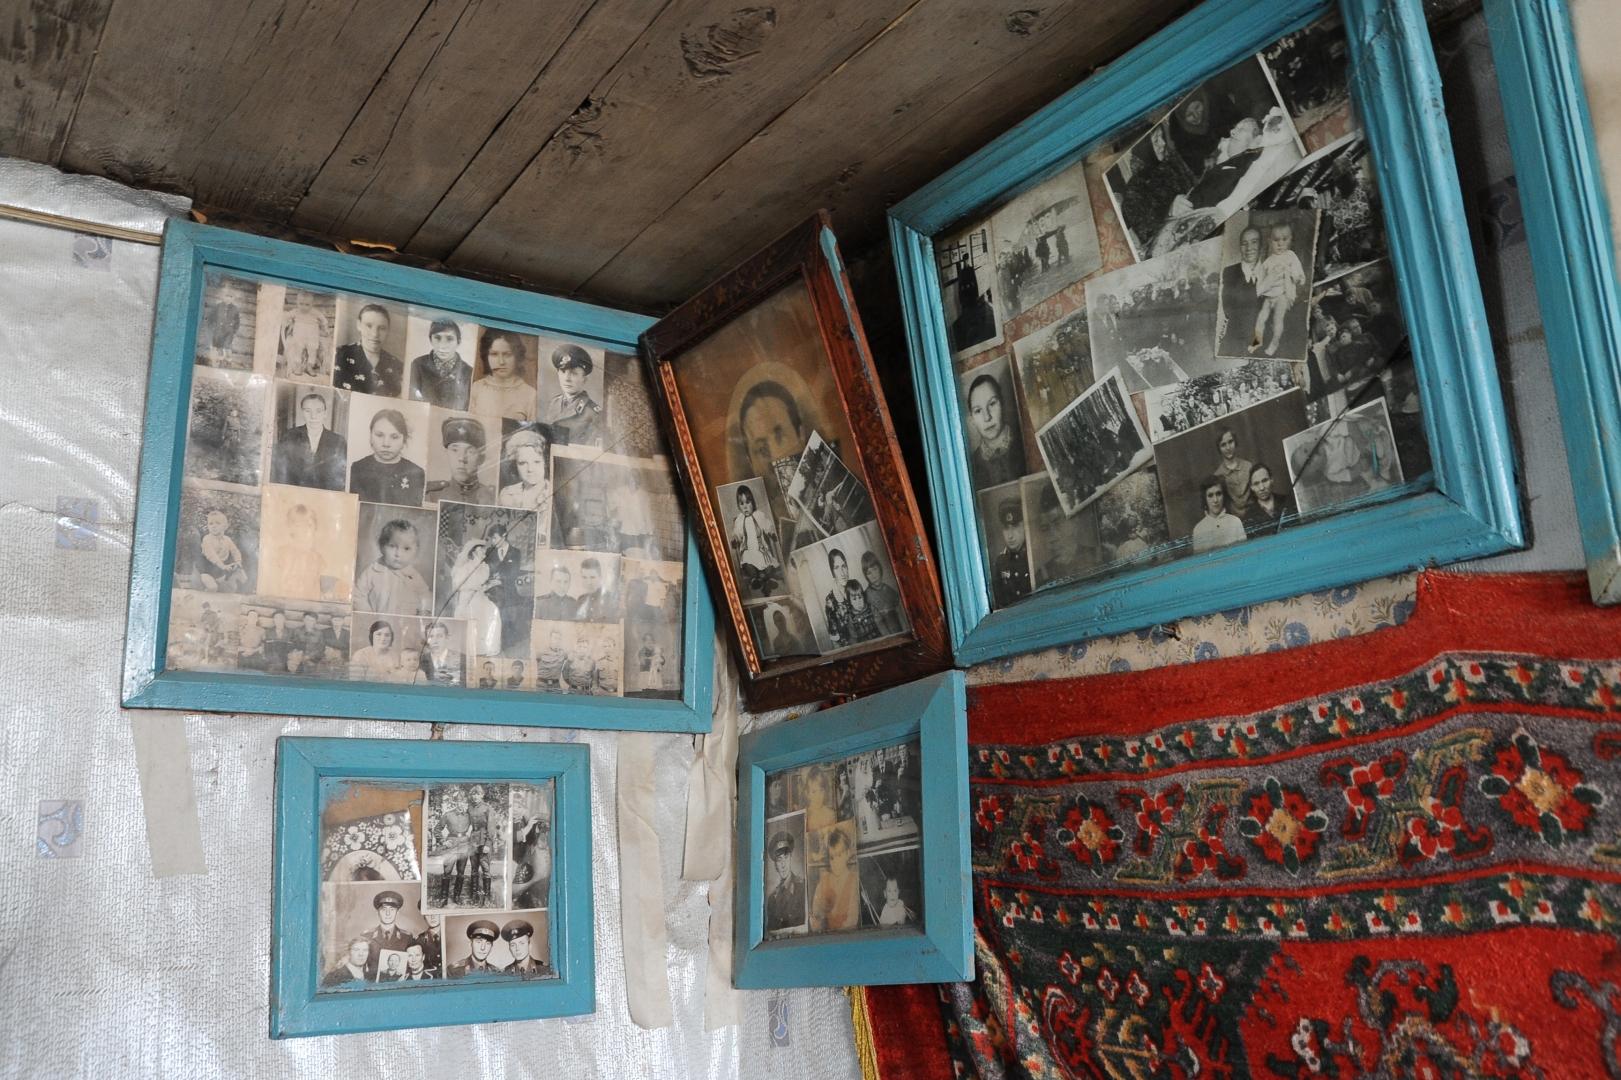 acf5d52492e8 По традиции на стенах домов много фотографий. Домашний архив принято  оформлять в большие деревянные рамы